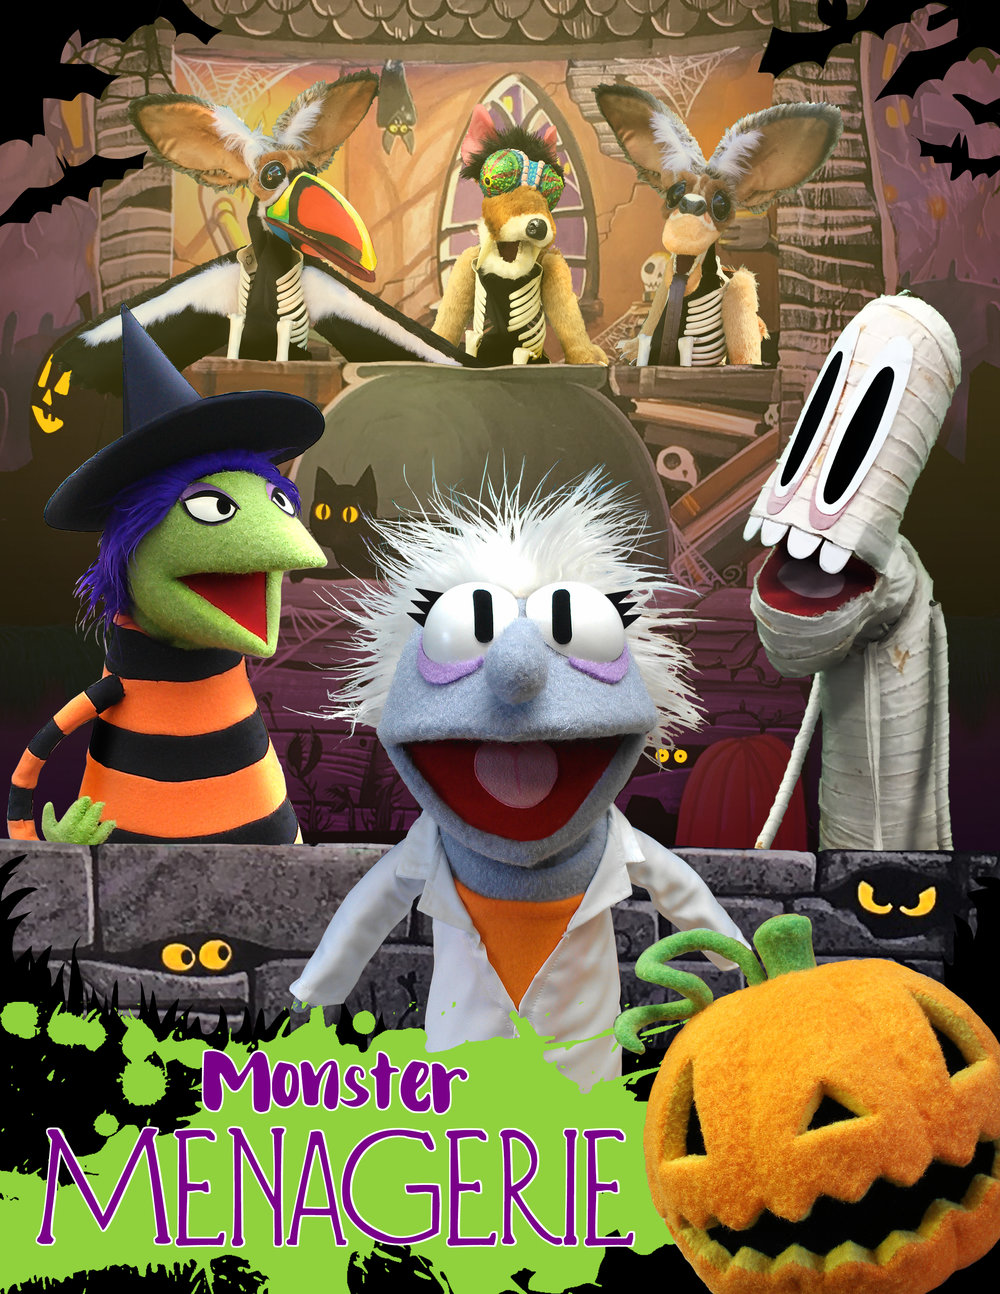 Monster Menagerie poster 1.jpg